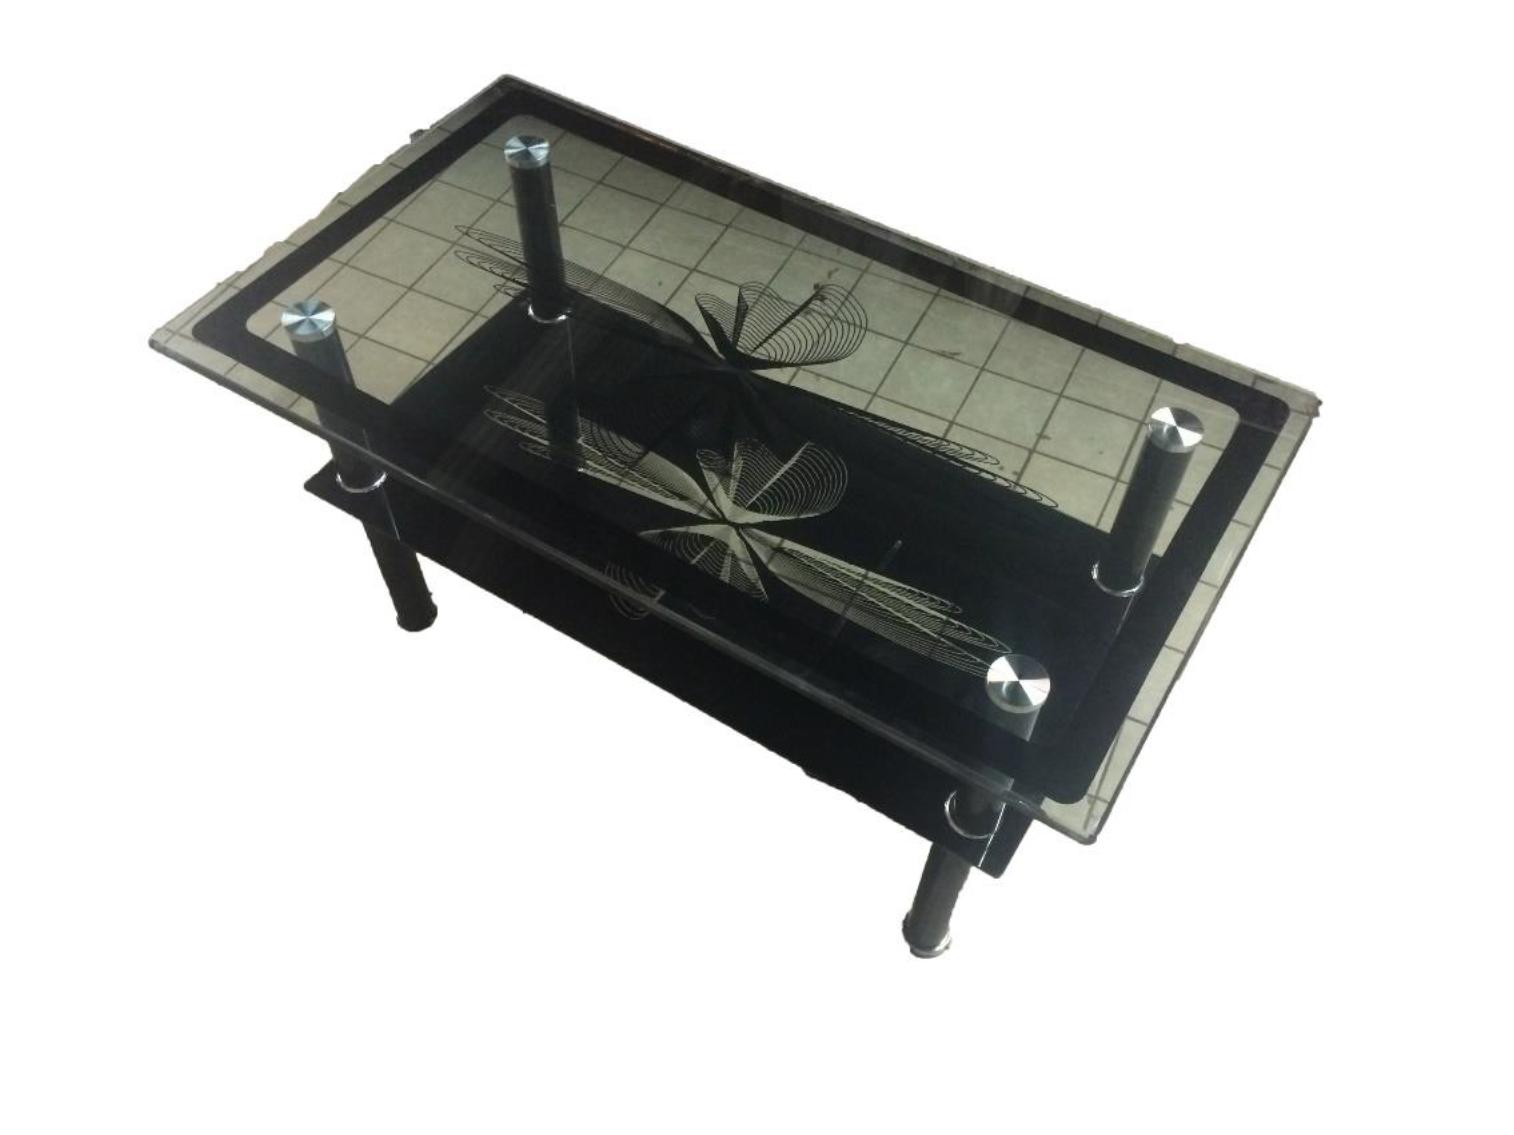 Table basse noire jm38 electro vente lectrom nager meubles - Table basse encastrable ...